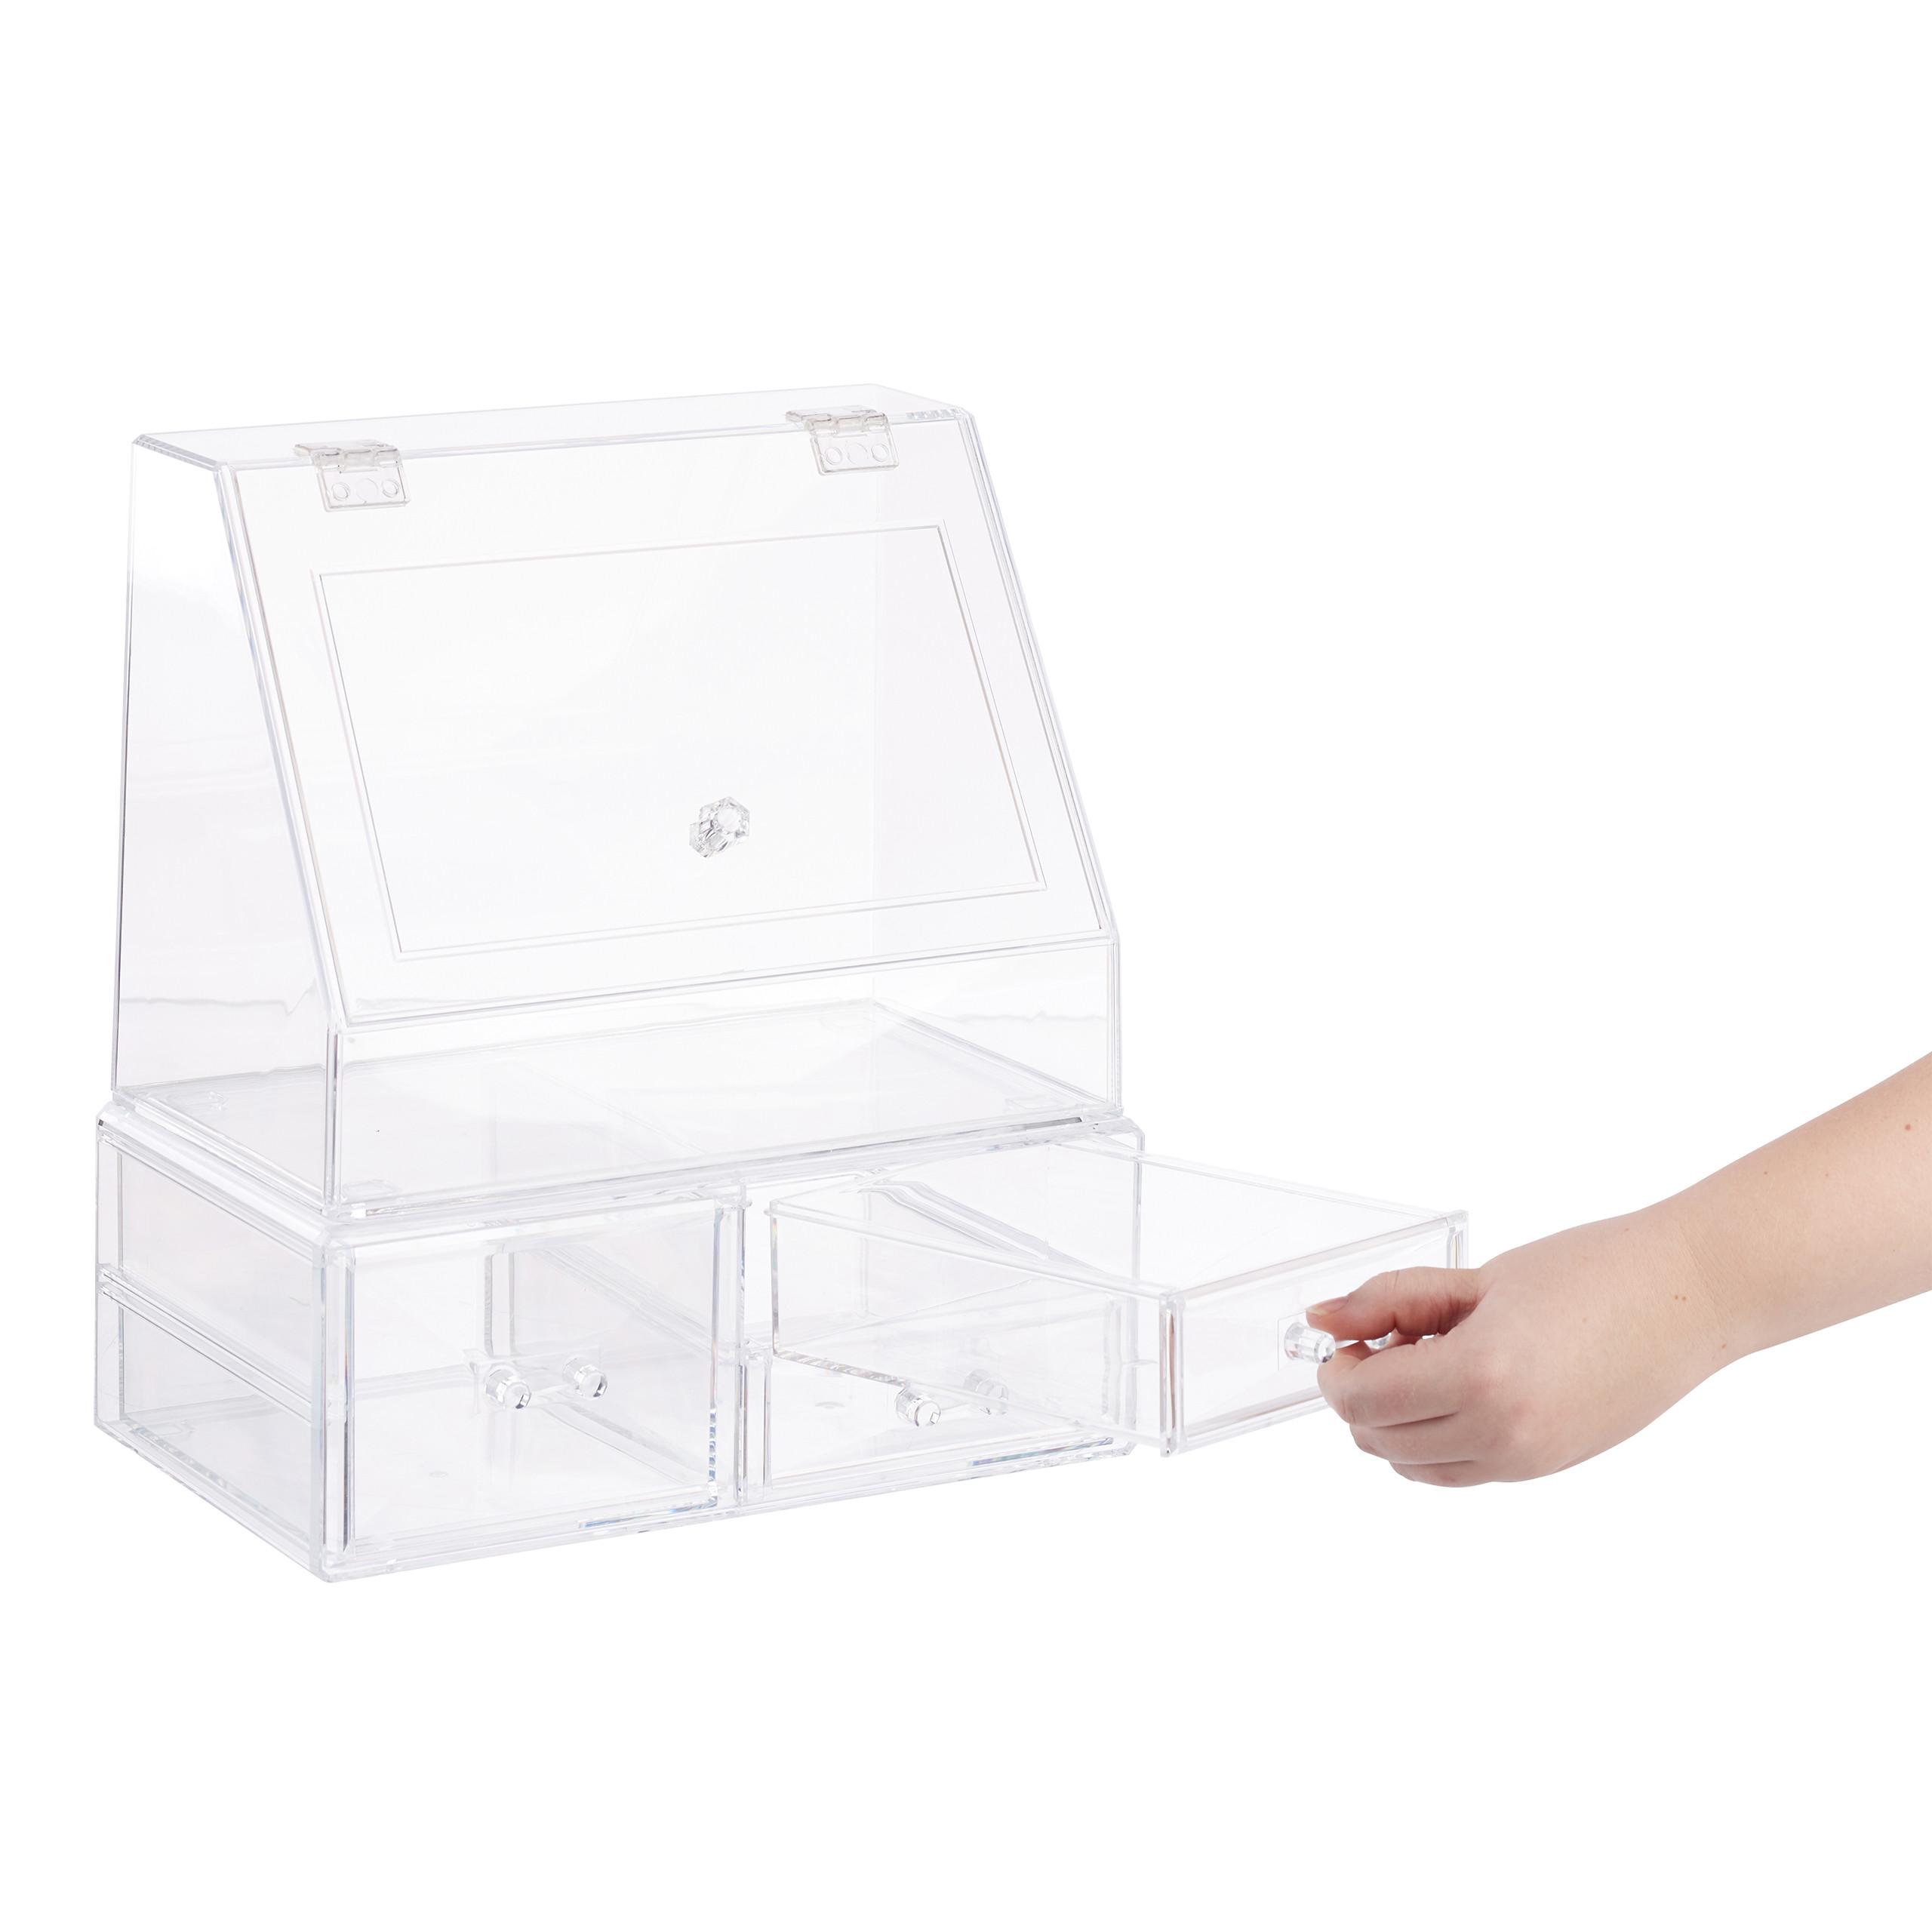 Kosmetik-Organizer-Acrylbox-Schmink-Aufbewahrung-Make-Up-Organizer-3-Schubladen miniatura 9